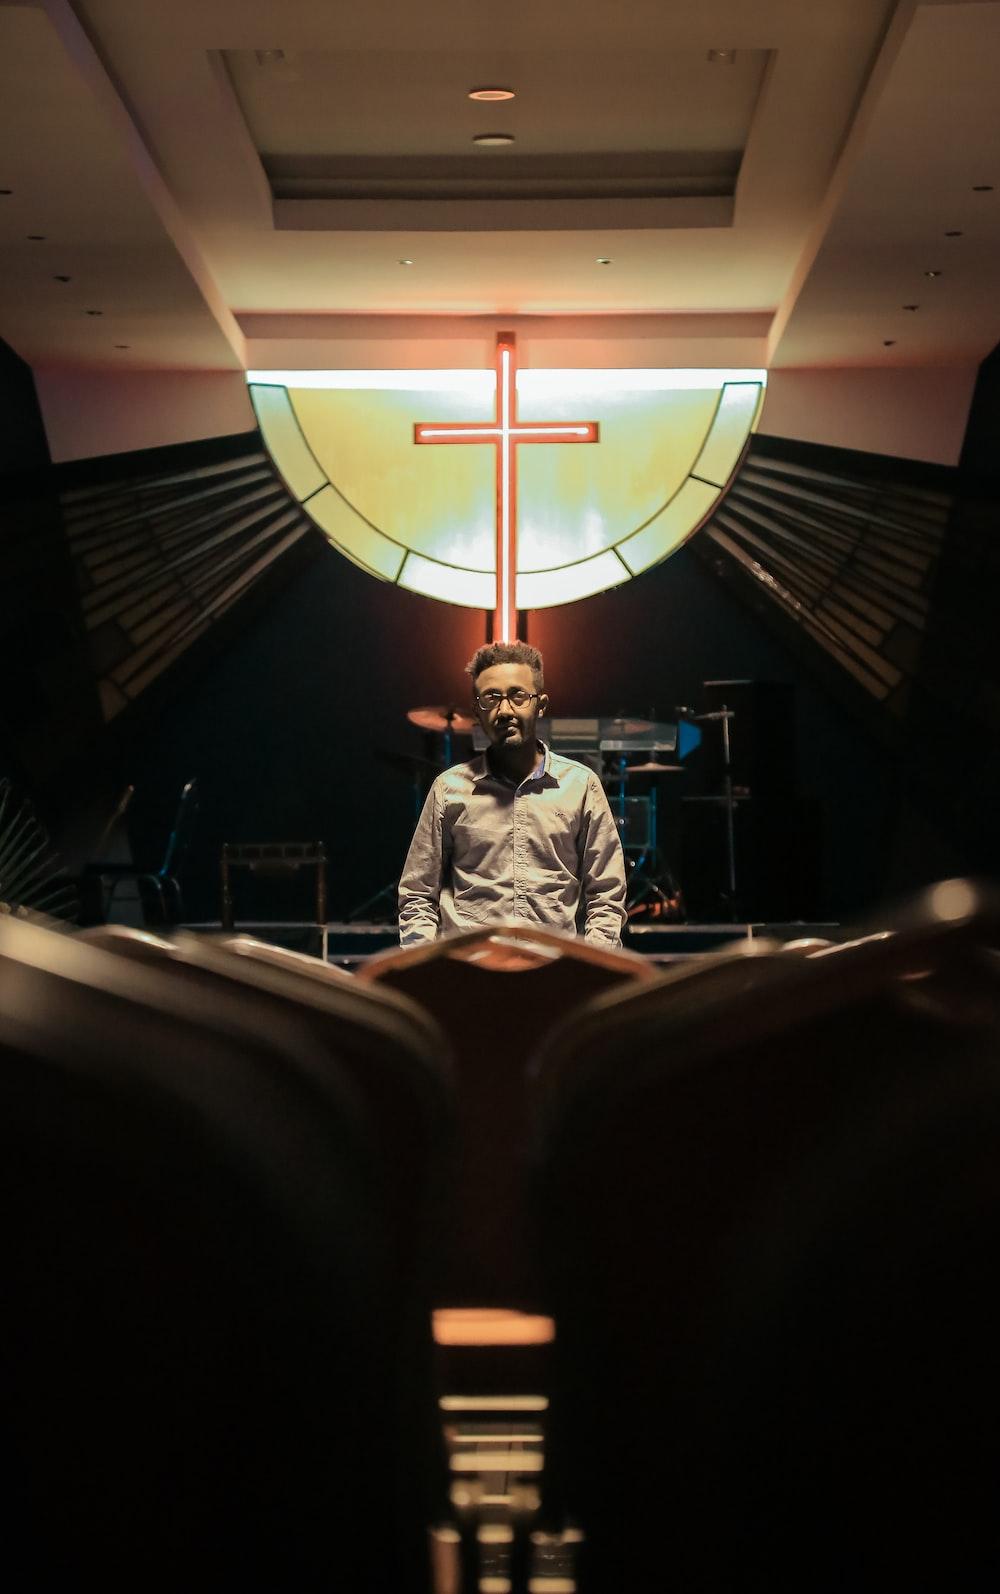 man standing inside church